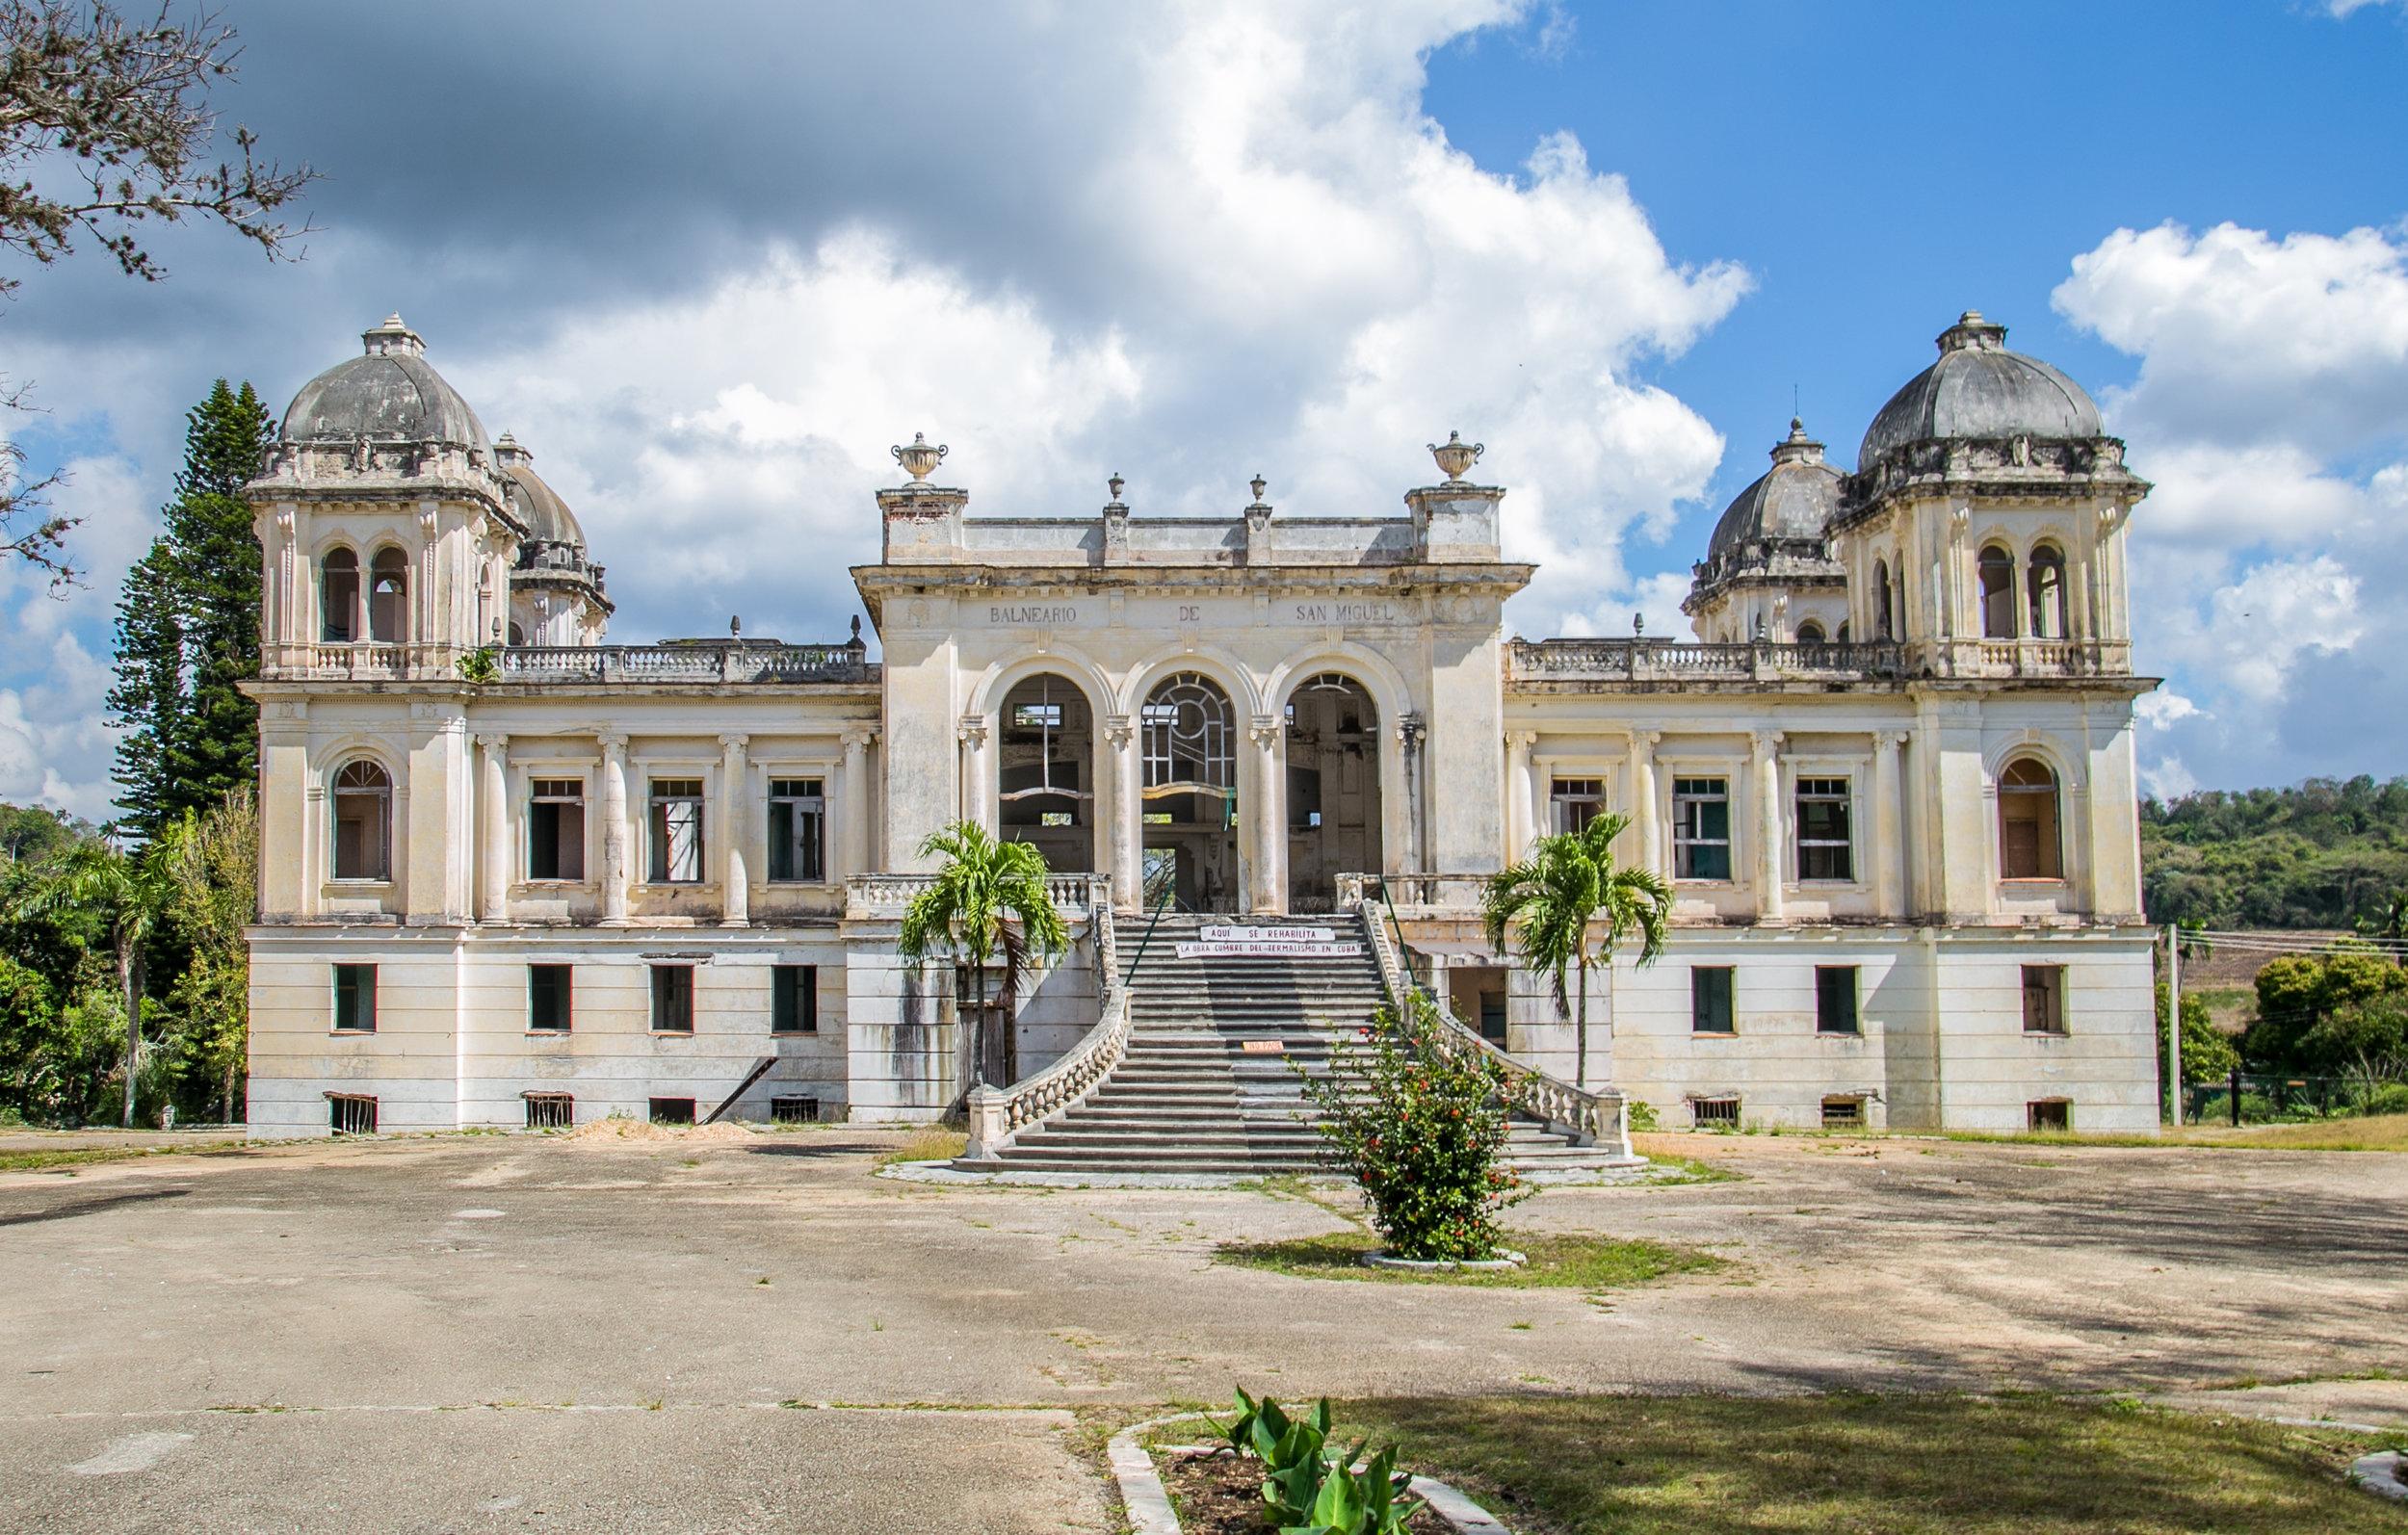 Gran Hotel y Balneario - San Miguel de los Baños, Cuba